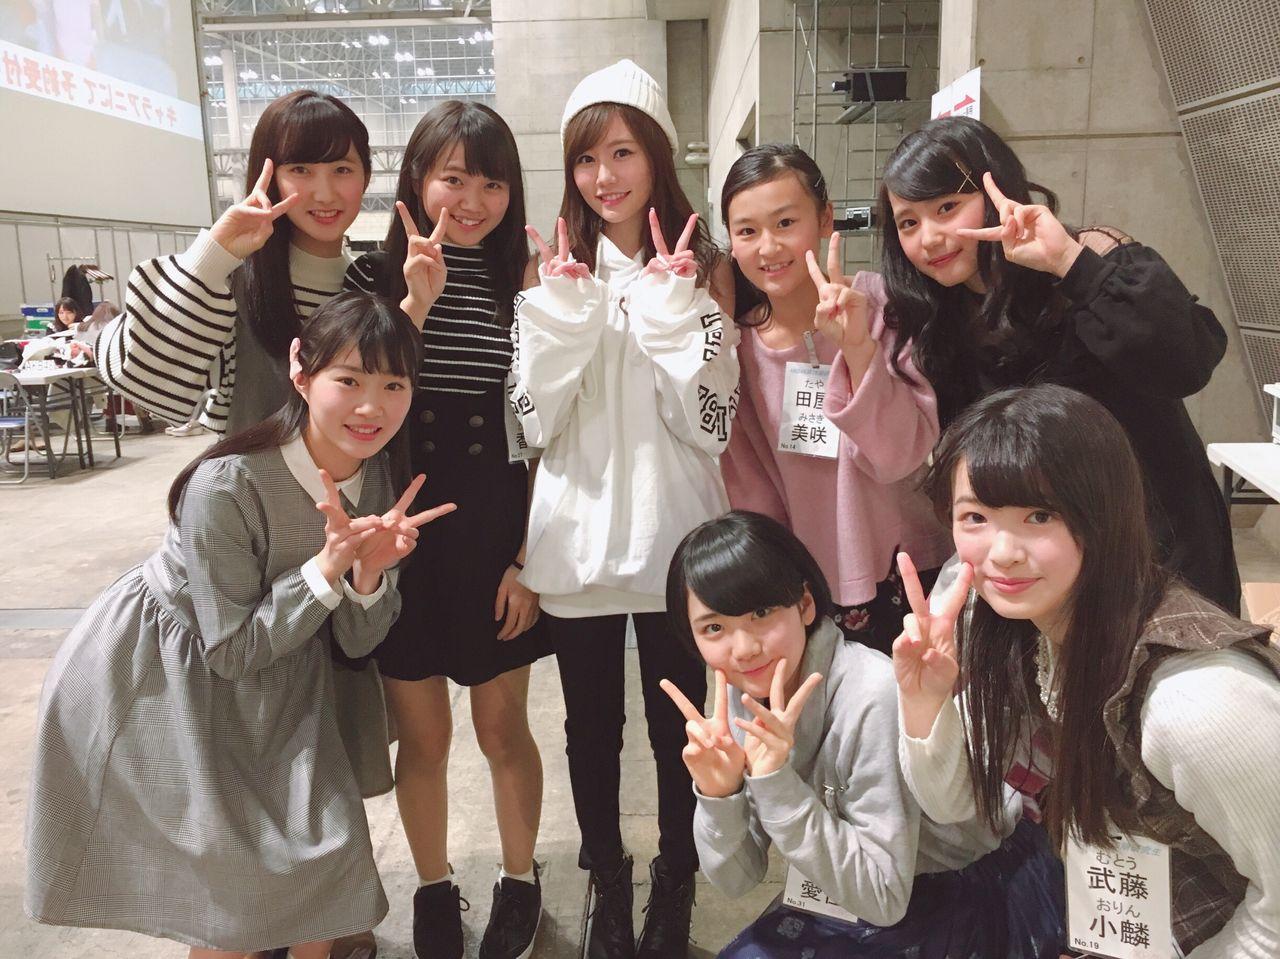 【朗報】AKB48込山榛香さん、16期に格の違いを見せつける